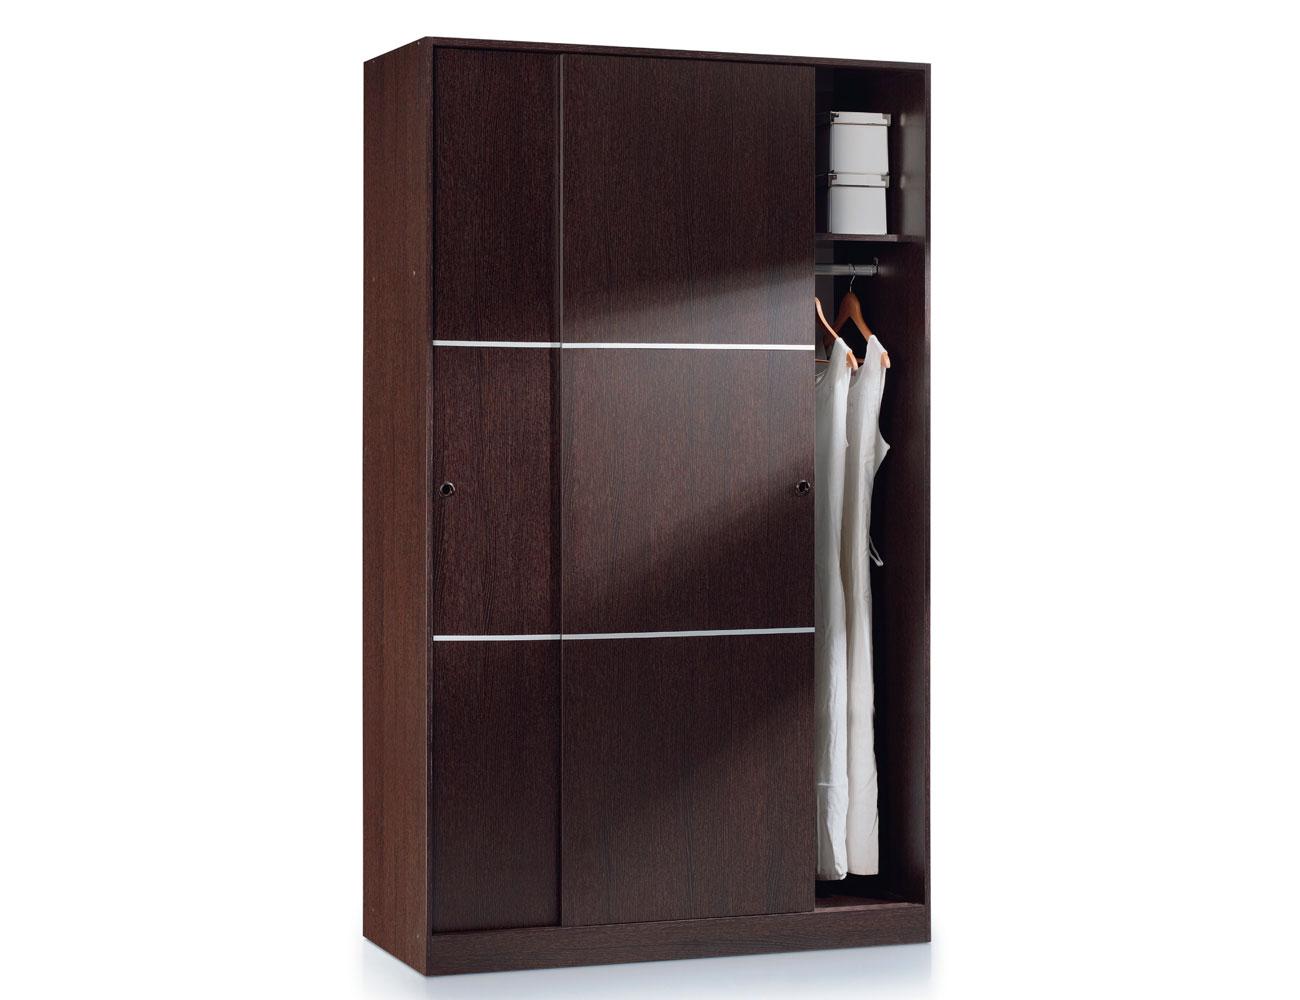 Armario puertas correderas con estantes interiores wengue